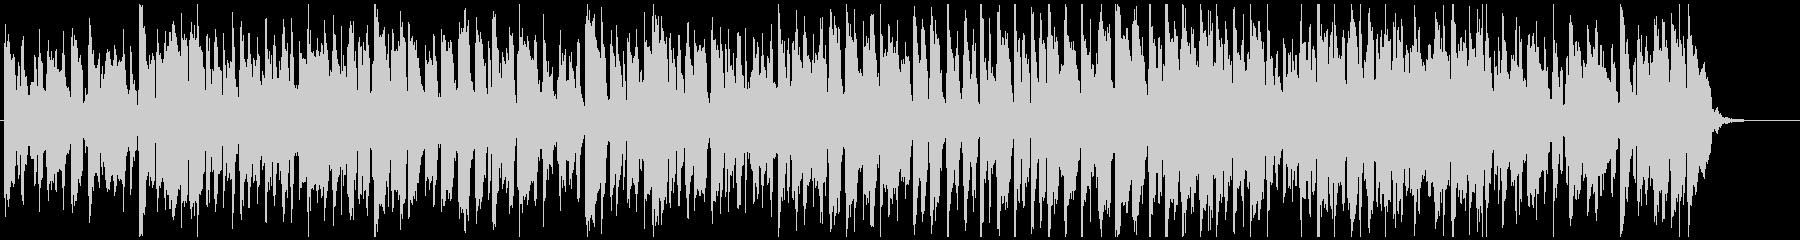 ずっこけるお笑いカートゥーン系リコーダーの未再生の波形